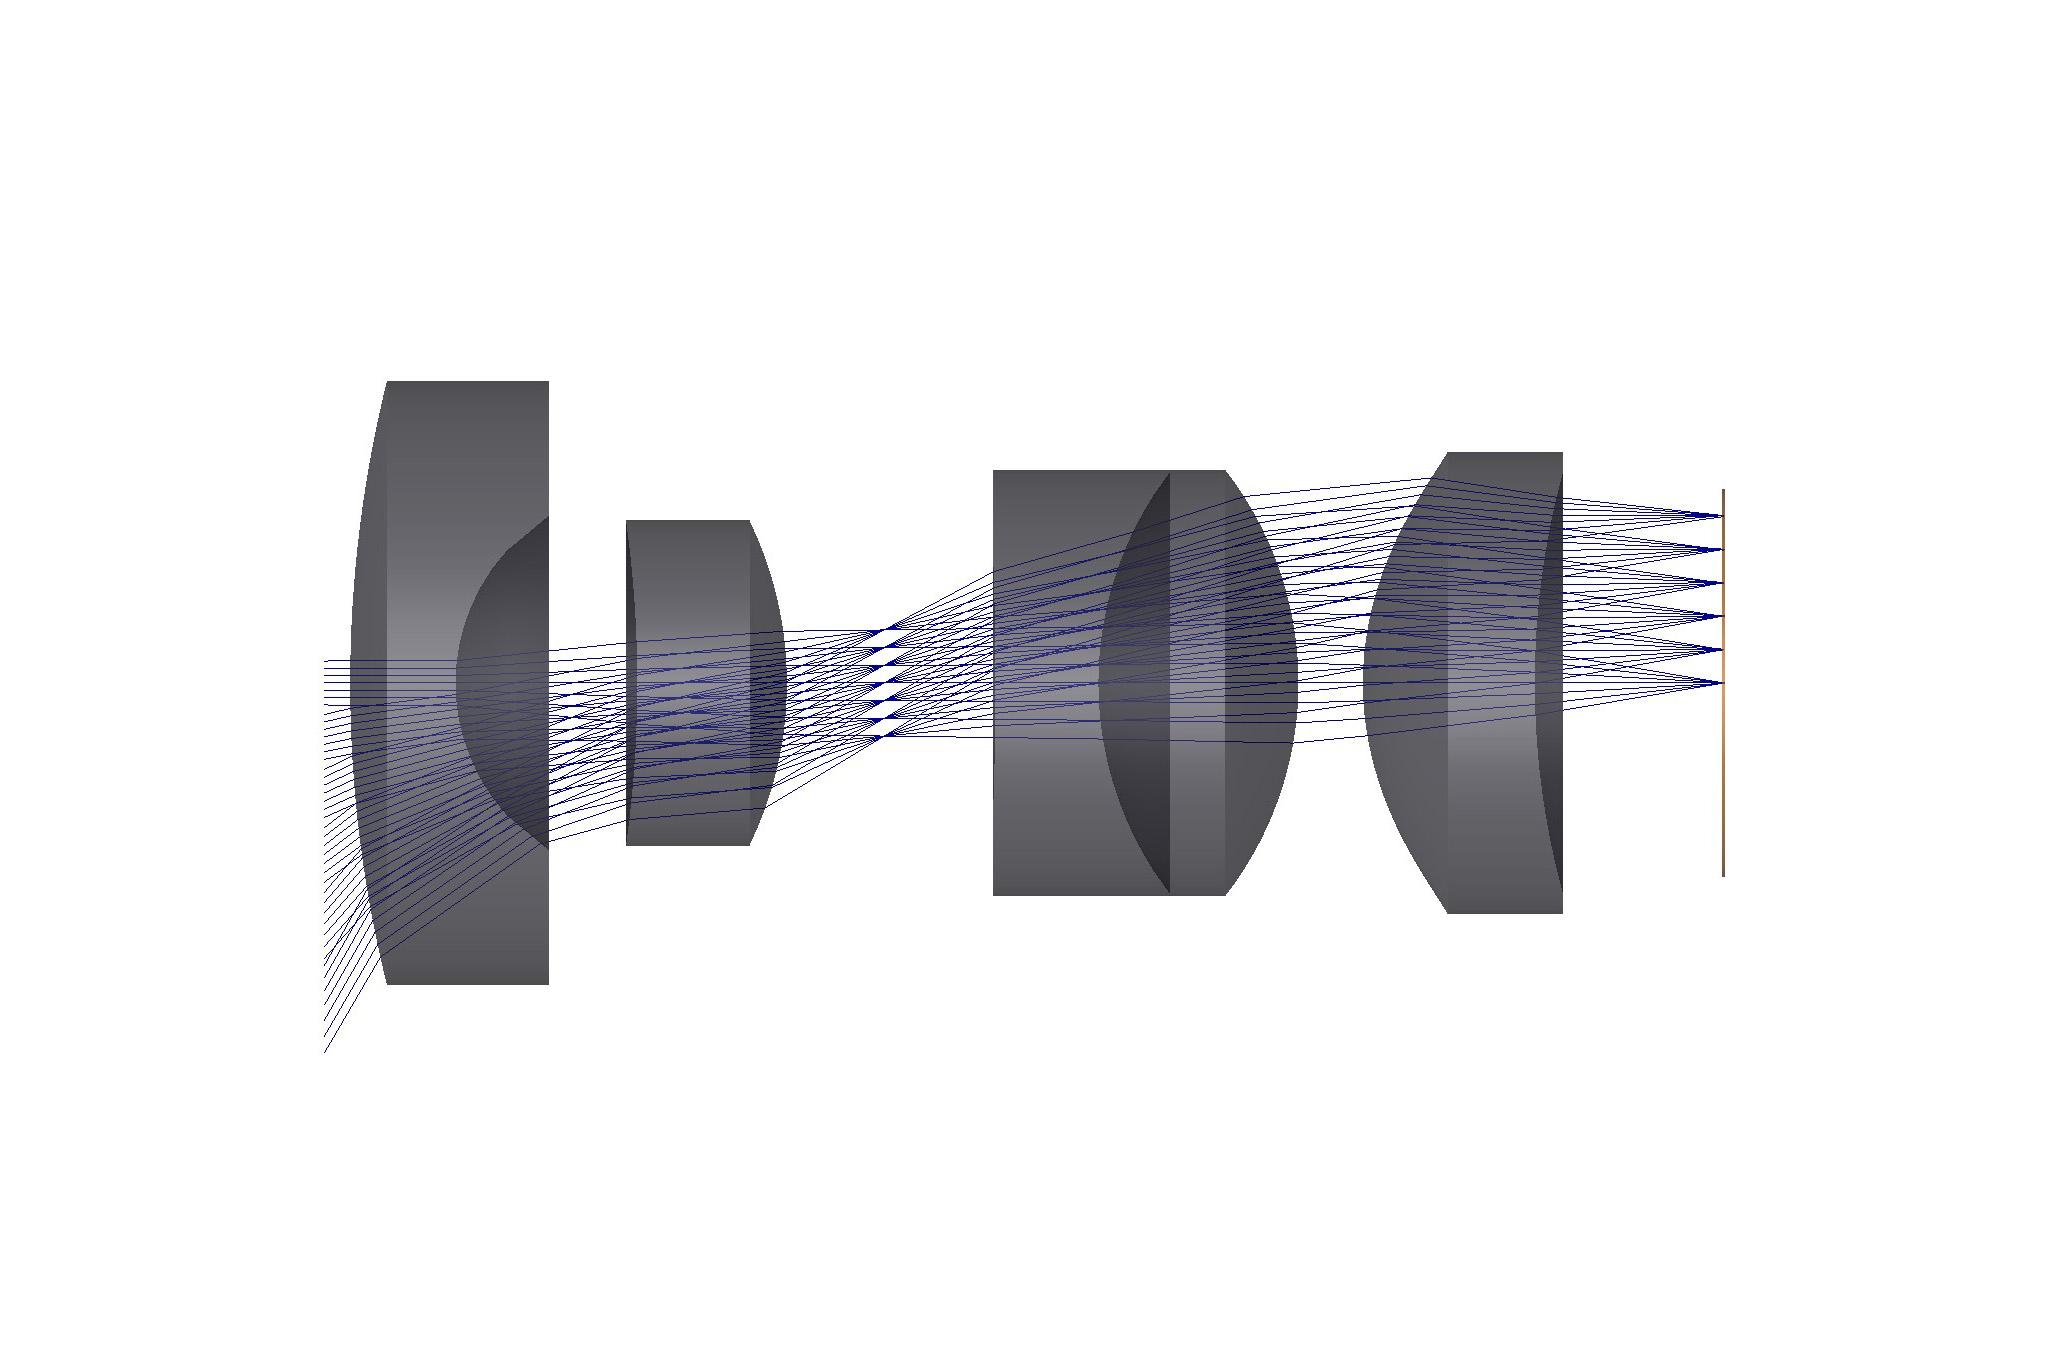 Endoscope_SHADED MODEL_blue rays white background.jpg